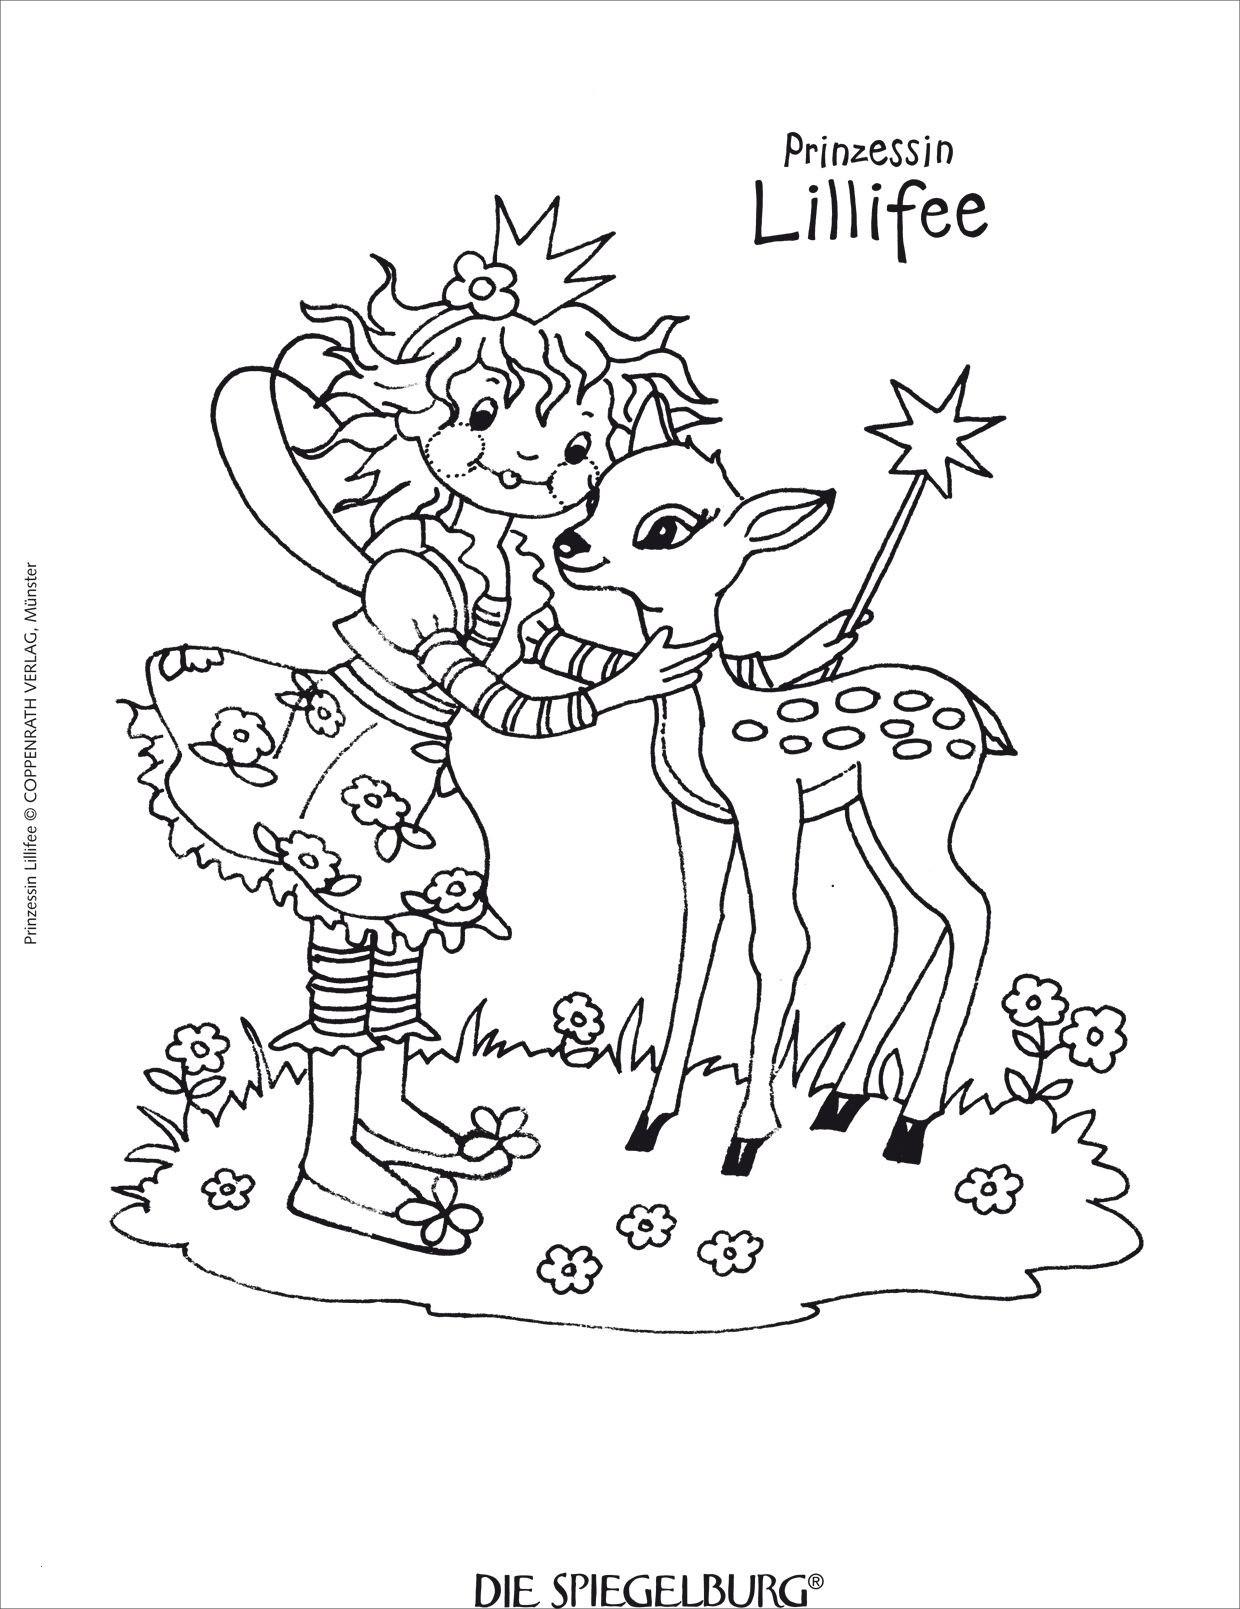 Ausmalbilder Feen Kostenlos Frisch Prinzessin Lillifee Ausmalbilder Und Malvorlagen Frisch Ausmalbilder Bilder